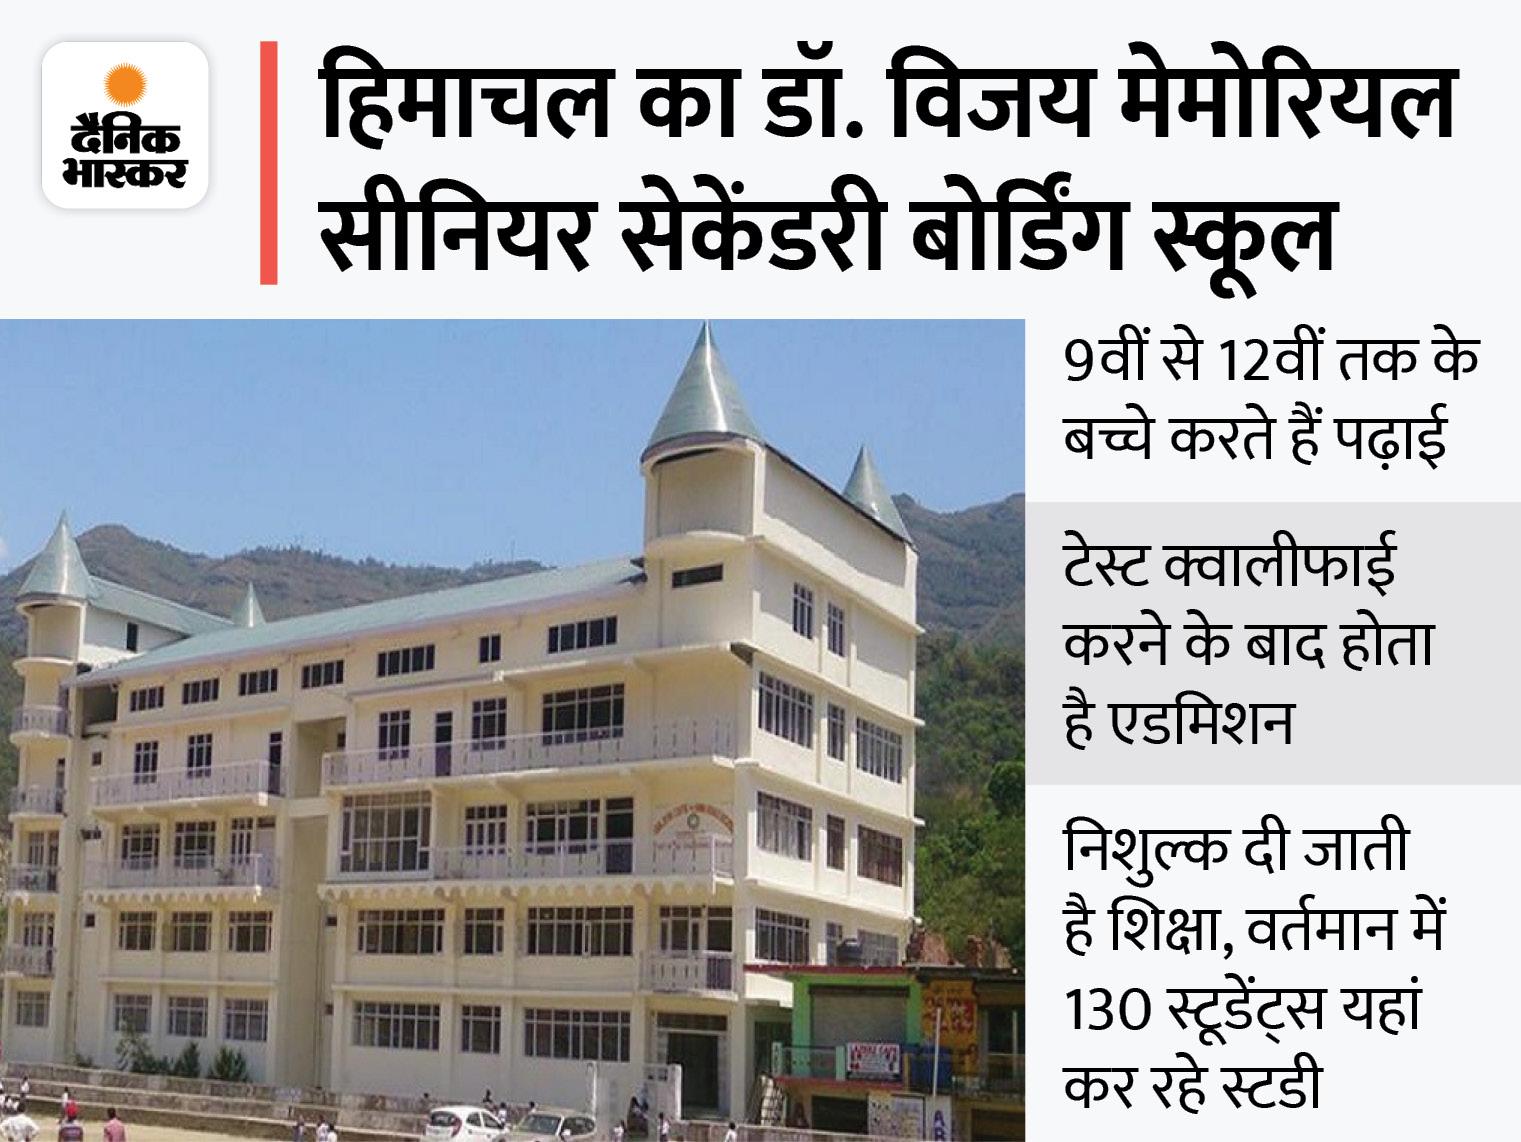 मंडी के डॉ. विजय मेमोरियल स्कूल में कोरोना पॉजिटिव स्टूडेंट्स की संख्या बढ़कर 79 हुई , 3 स्टाफ भी संक्रमित; सभी आइसोलेट|देश,National - Dainik Bhaskar